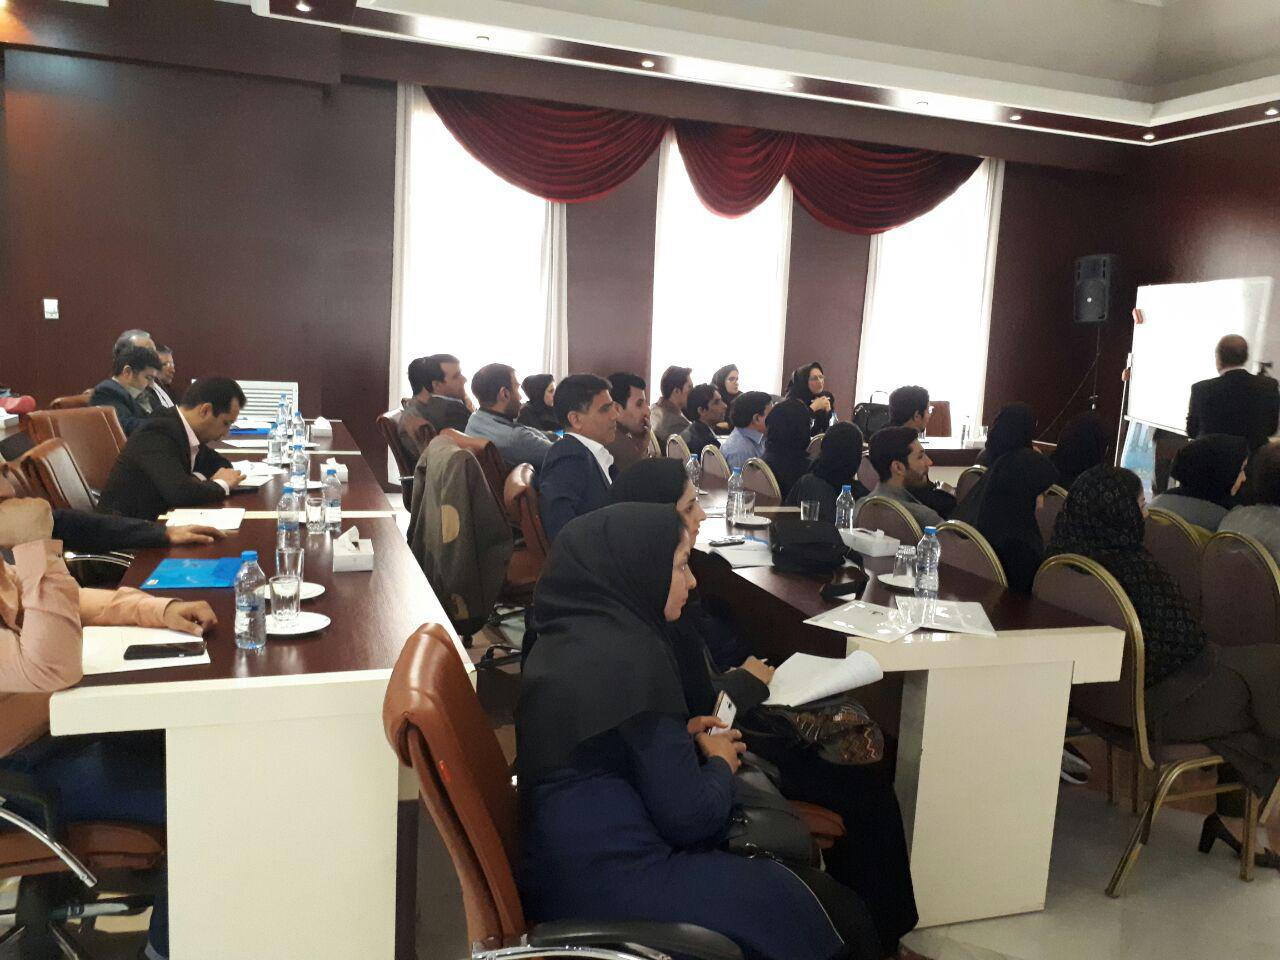 برگزاری سمینار آموزش پرستاری دستگاه های دیالیز  4008s Classic فرزنیوس در مشهد 30